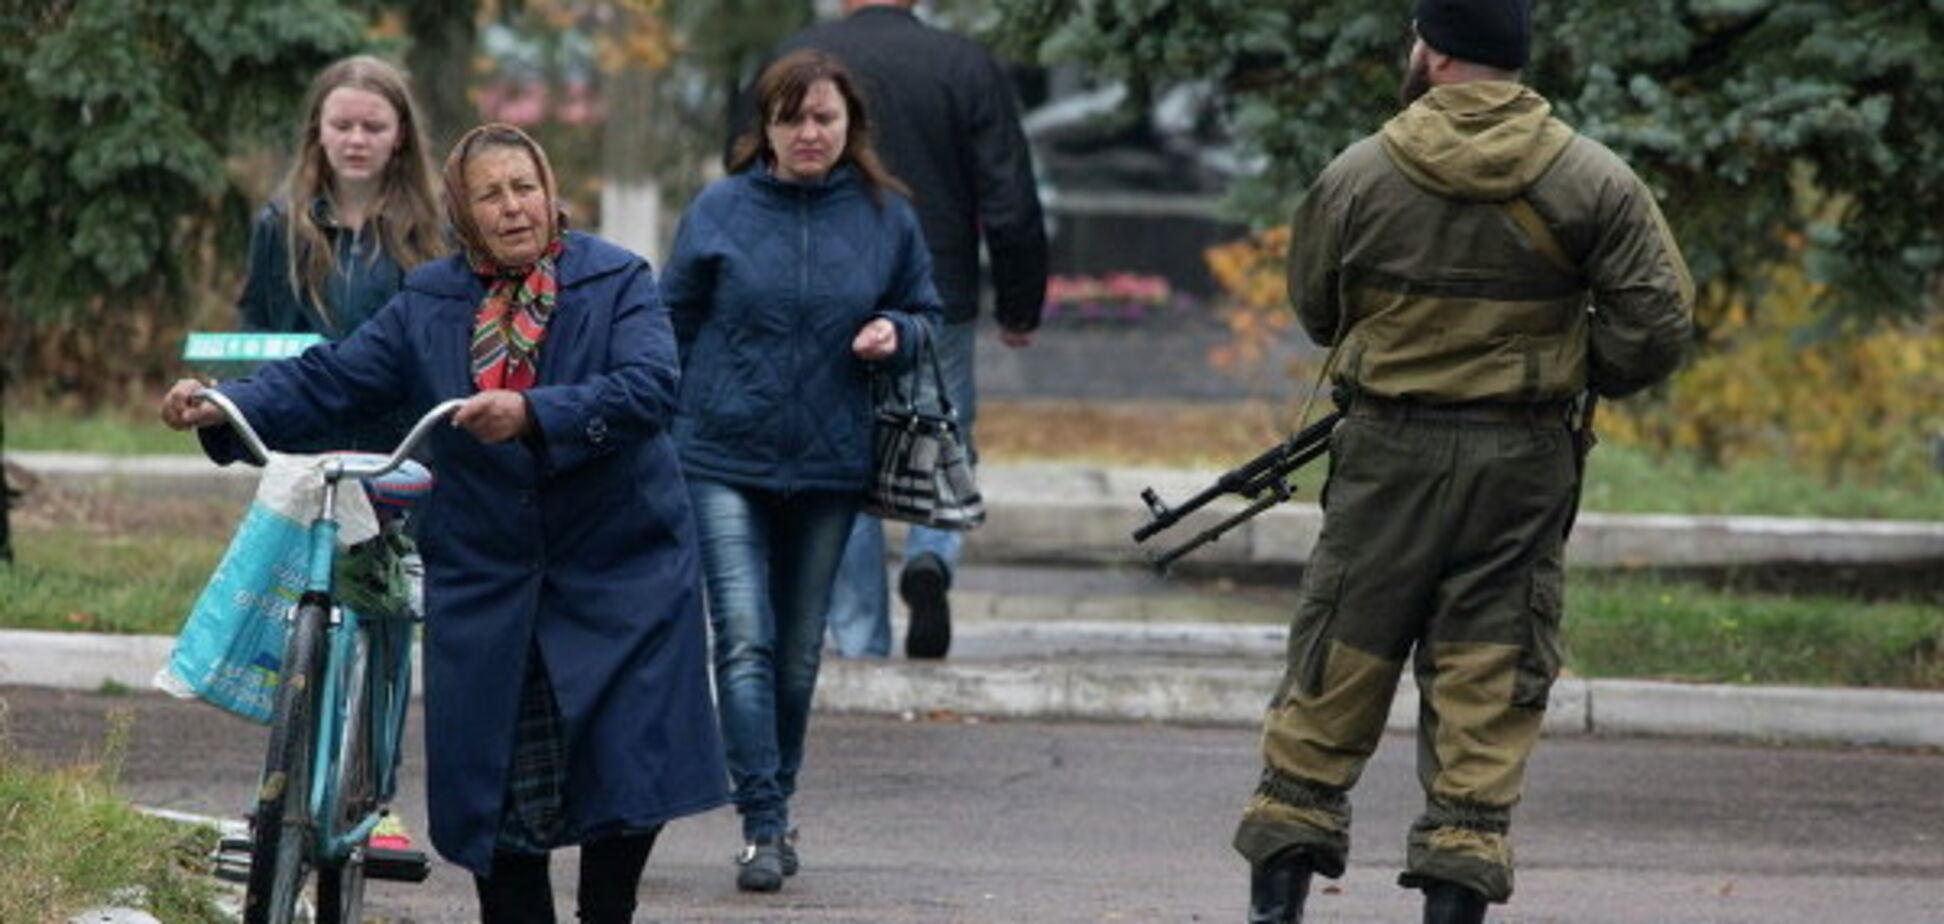 'Освободились' от Украины: в сети показали, чем живут жители Донбасса